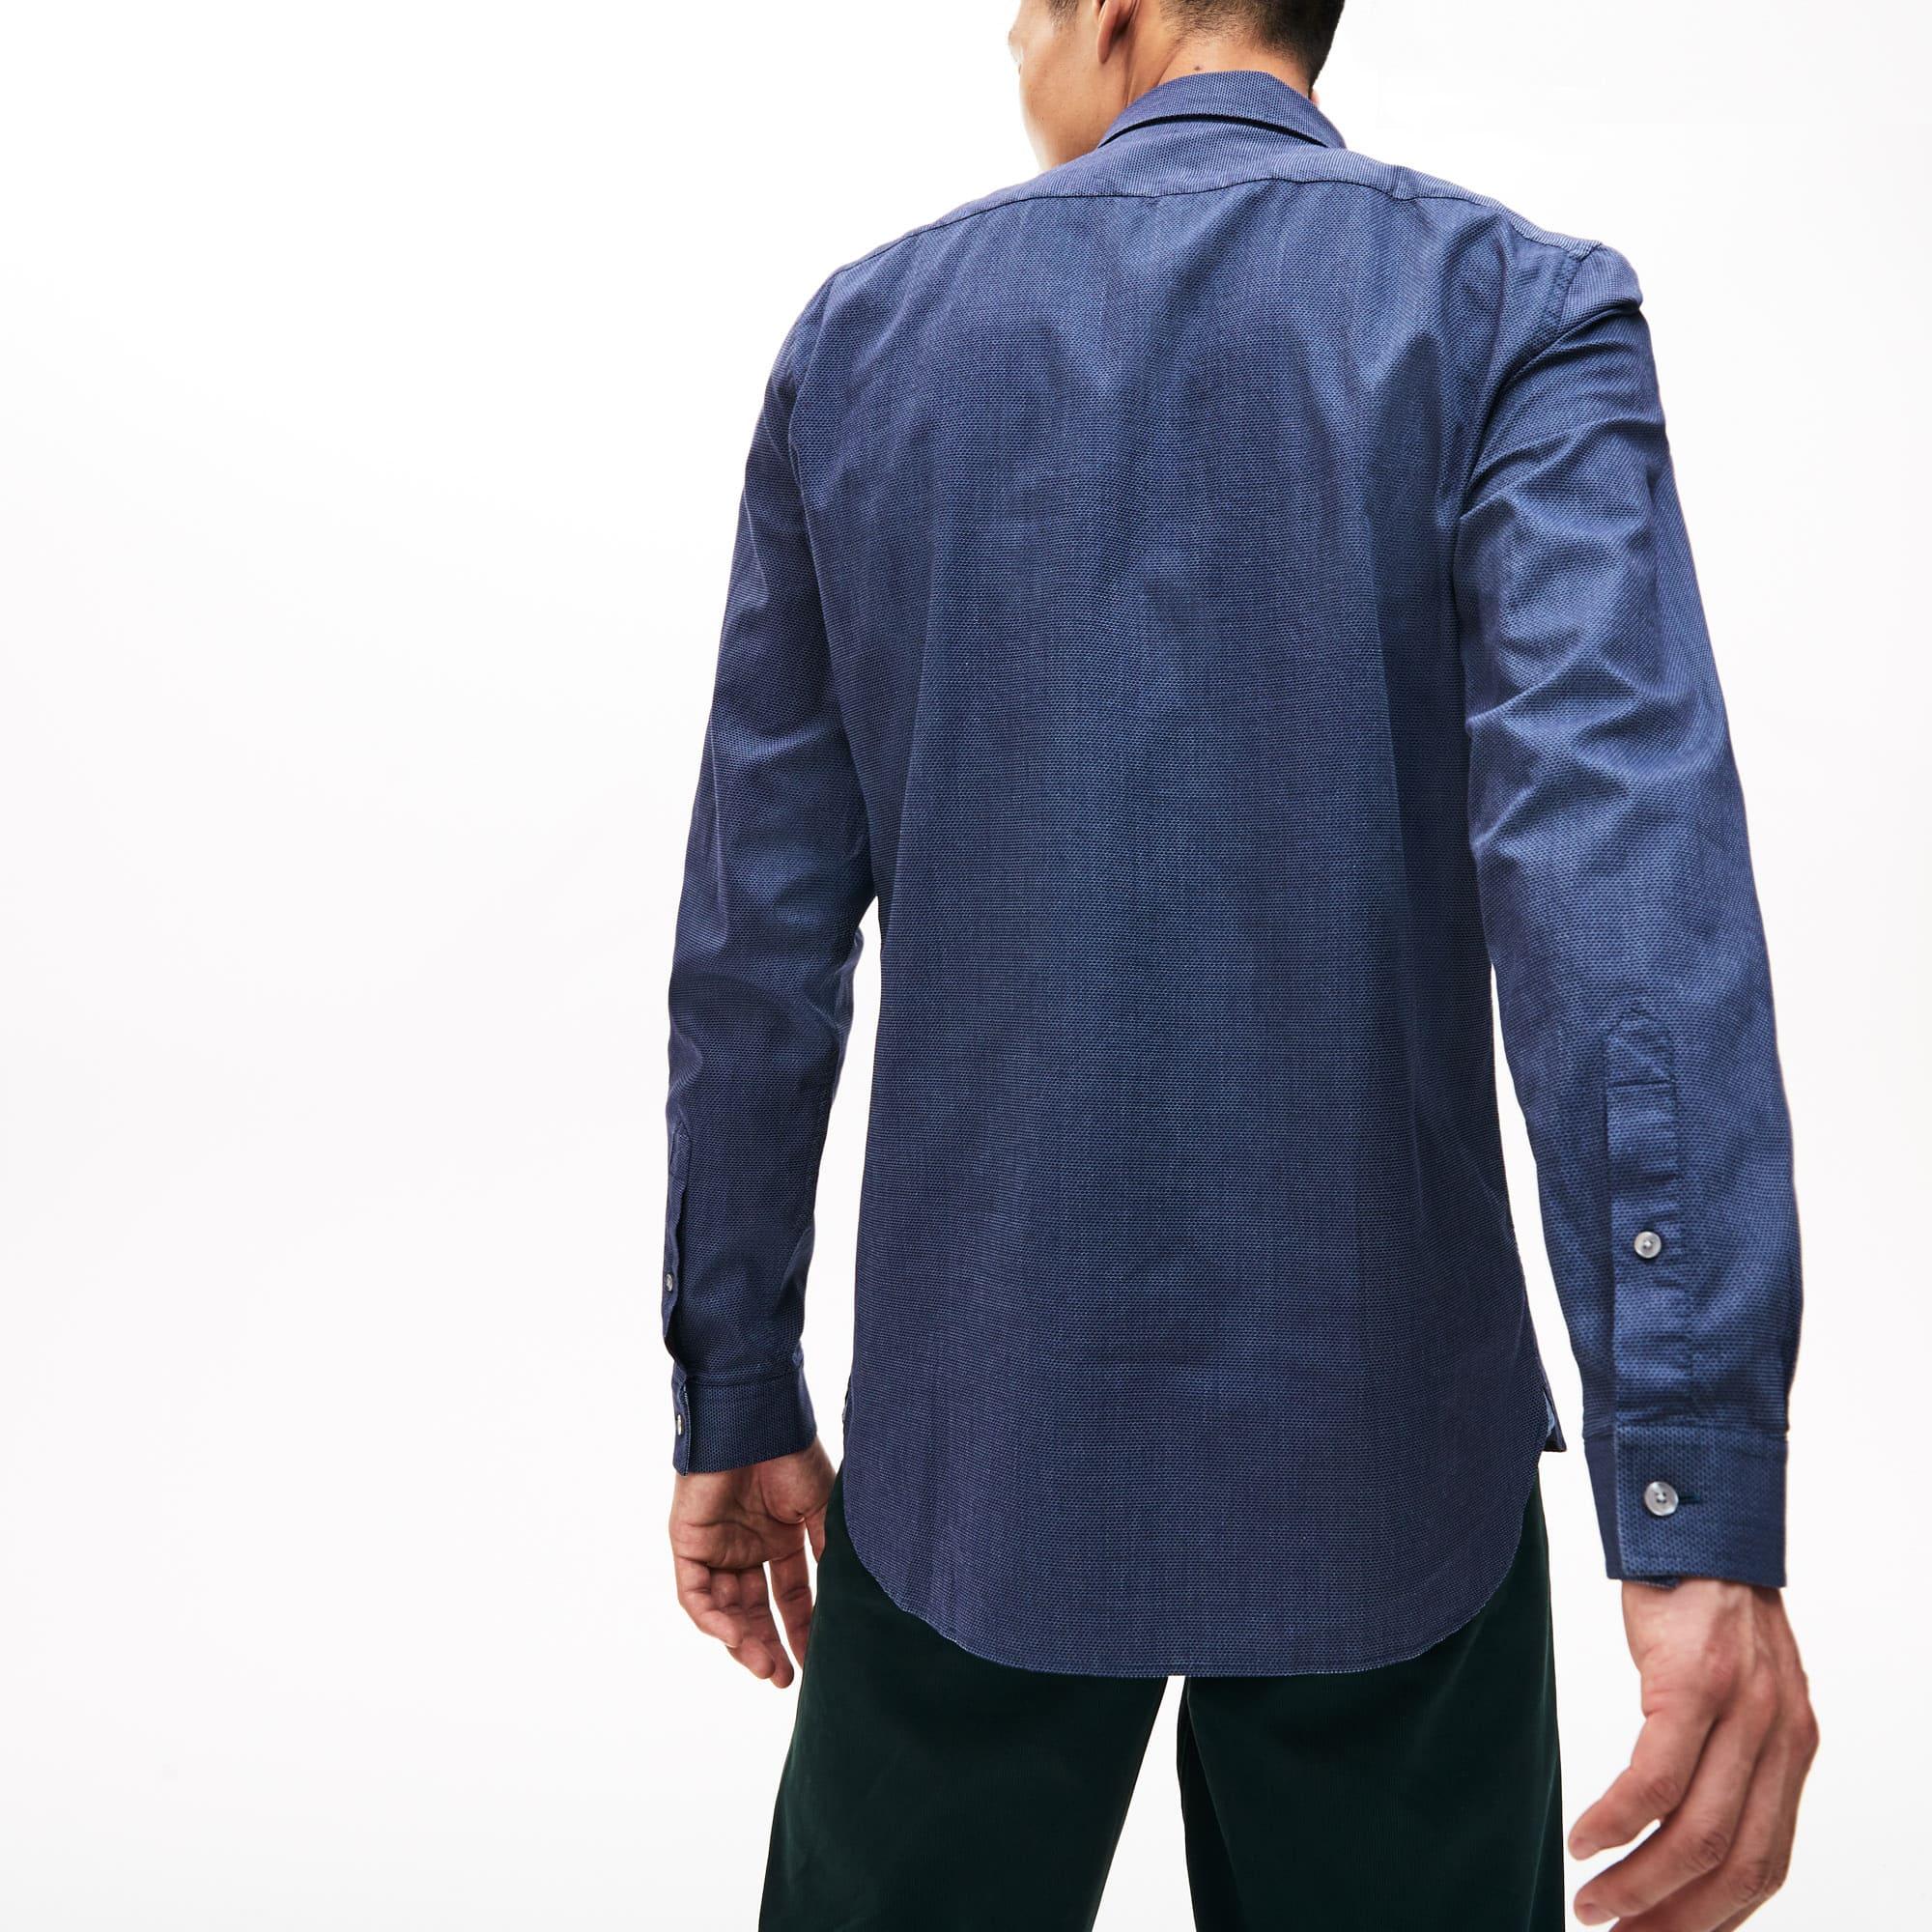 340ded20c1 Camicia da uomo in popeline di cotone con stampa a pois slim fit